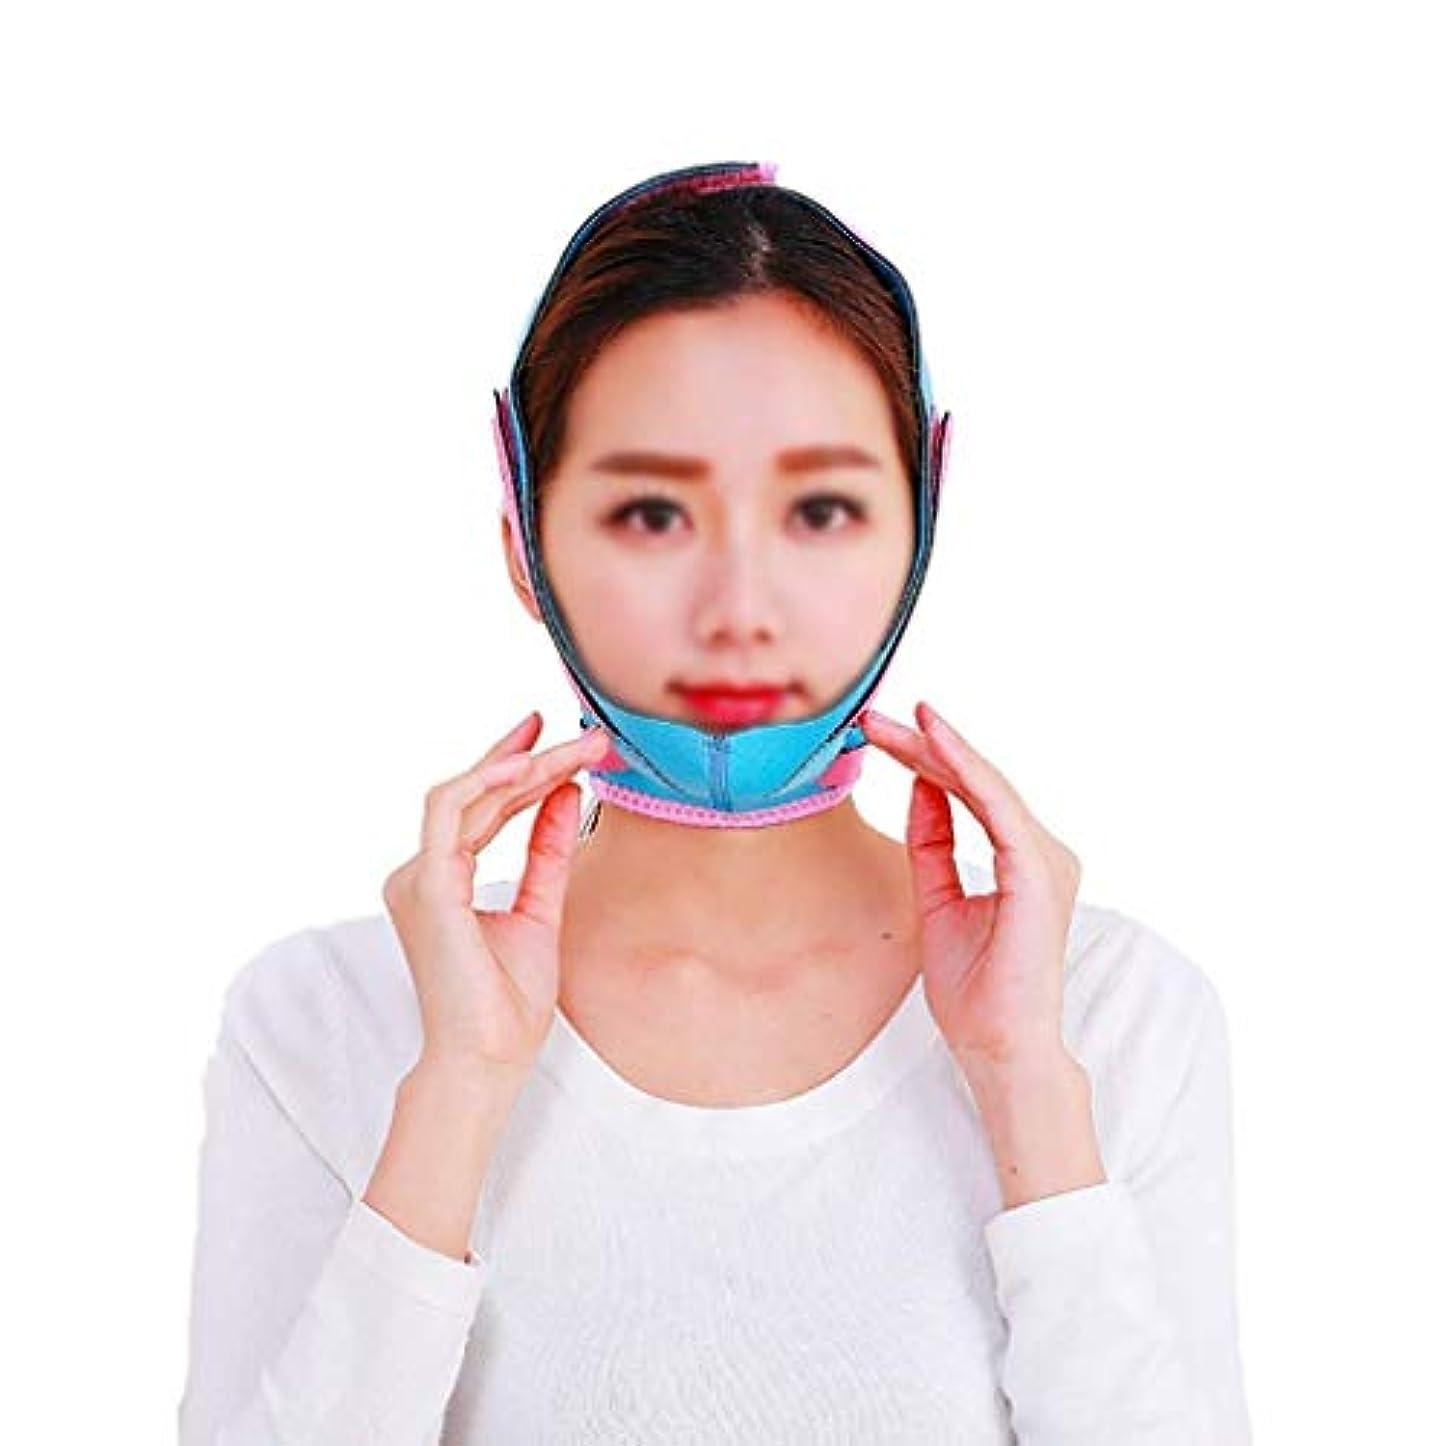 シートクラシカル会社顔と首のリフト、男性と女性のフェイスリフトアーティファクトシュリンクマスクを強化輪郭の救済ドループ筋肉引き締め肌弾性V顔包帯